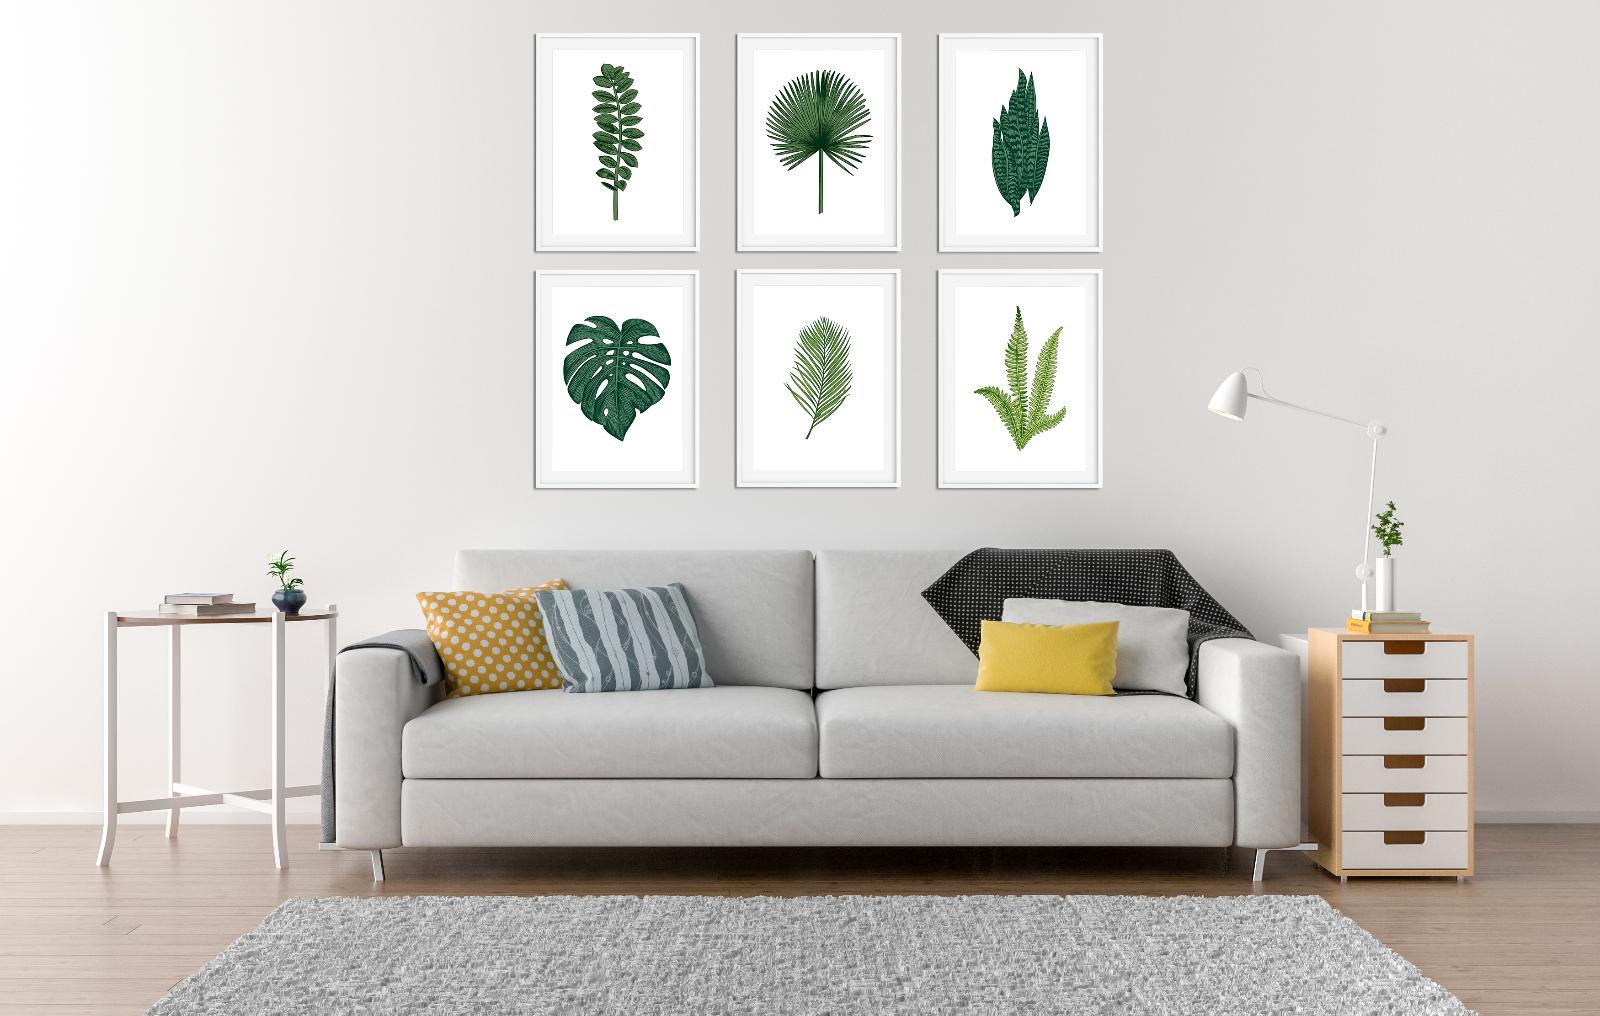 Botanical Prints / Pictures Living Room Decor Plants Leaf Palm Fern 2